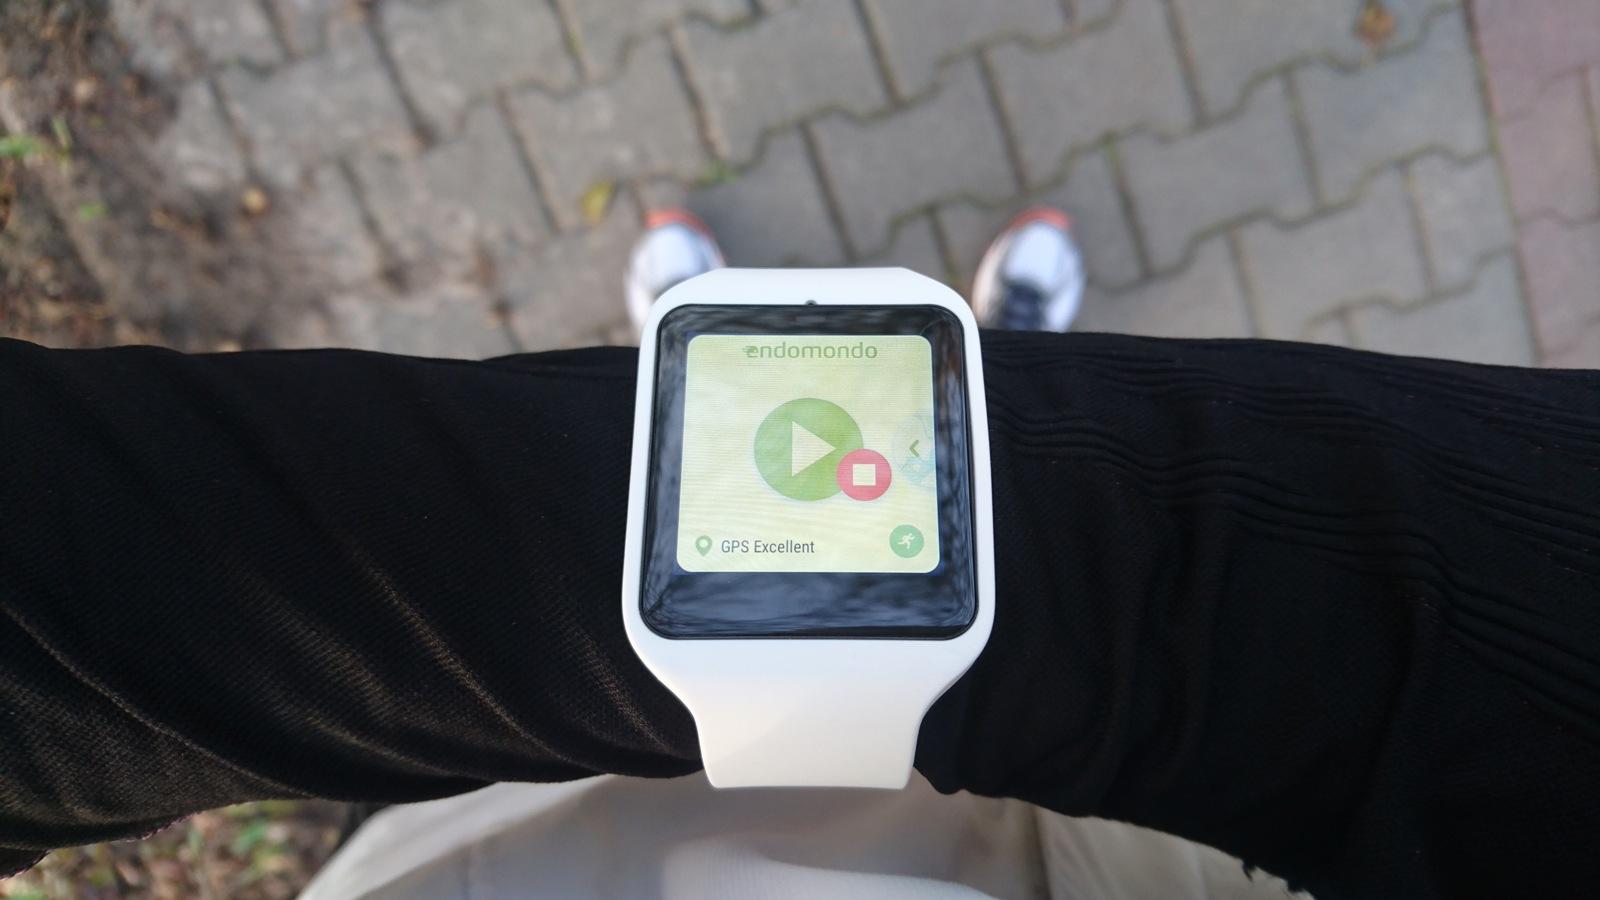 bieganie ze smartwatchem